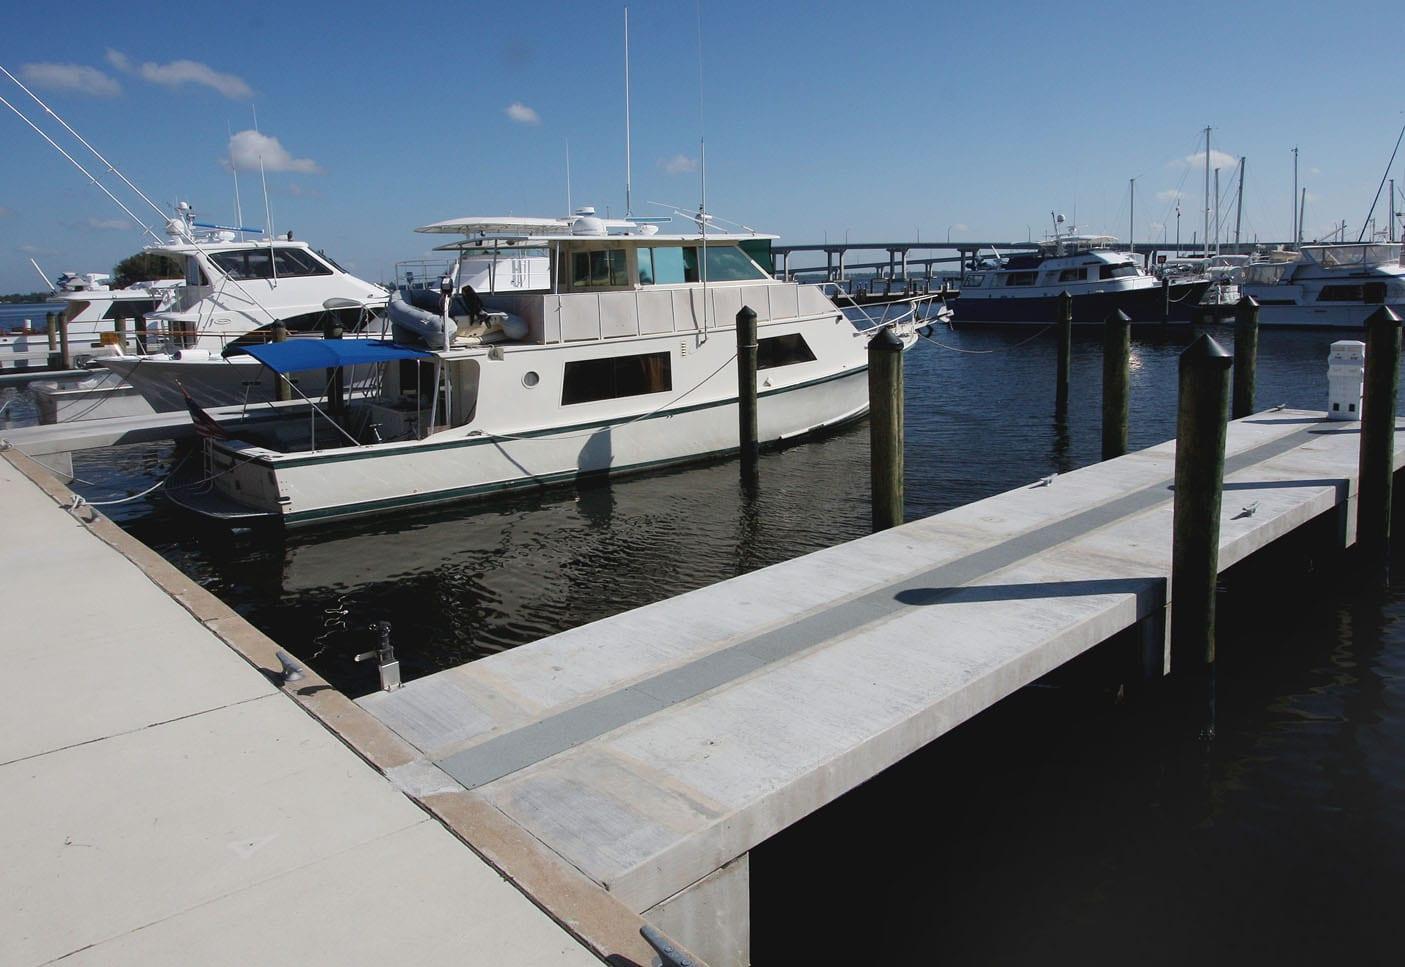 Yacht_Basin_0002_Layer 3